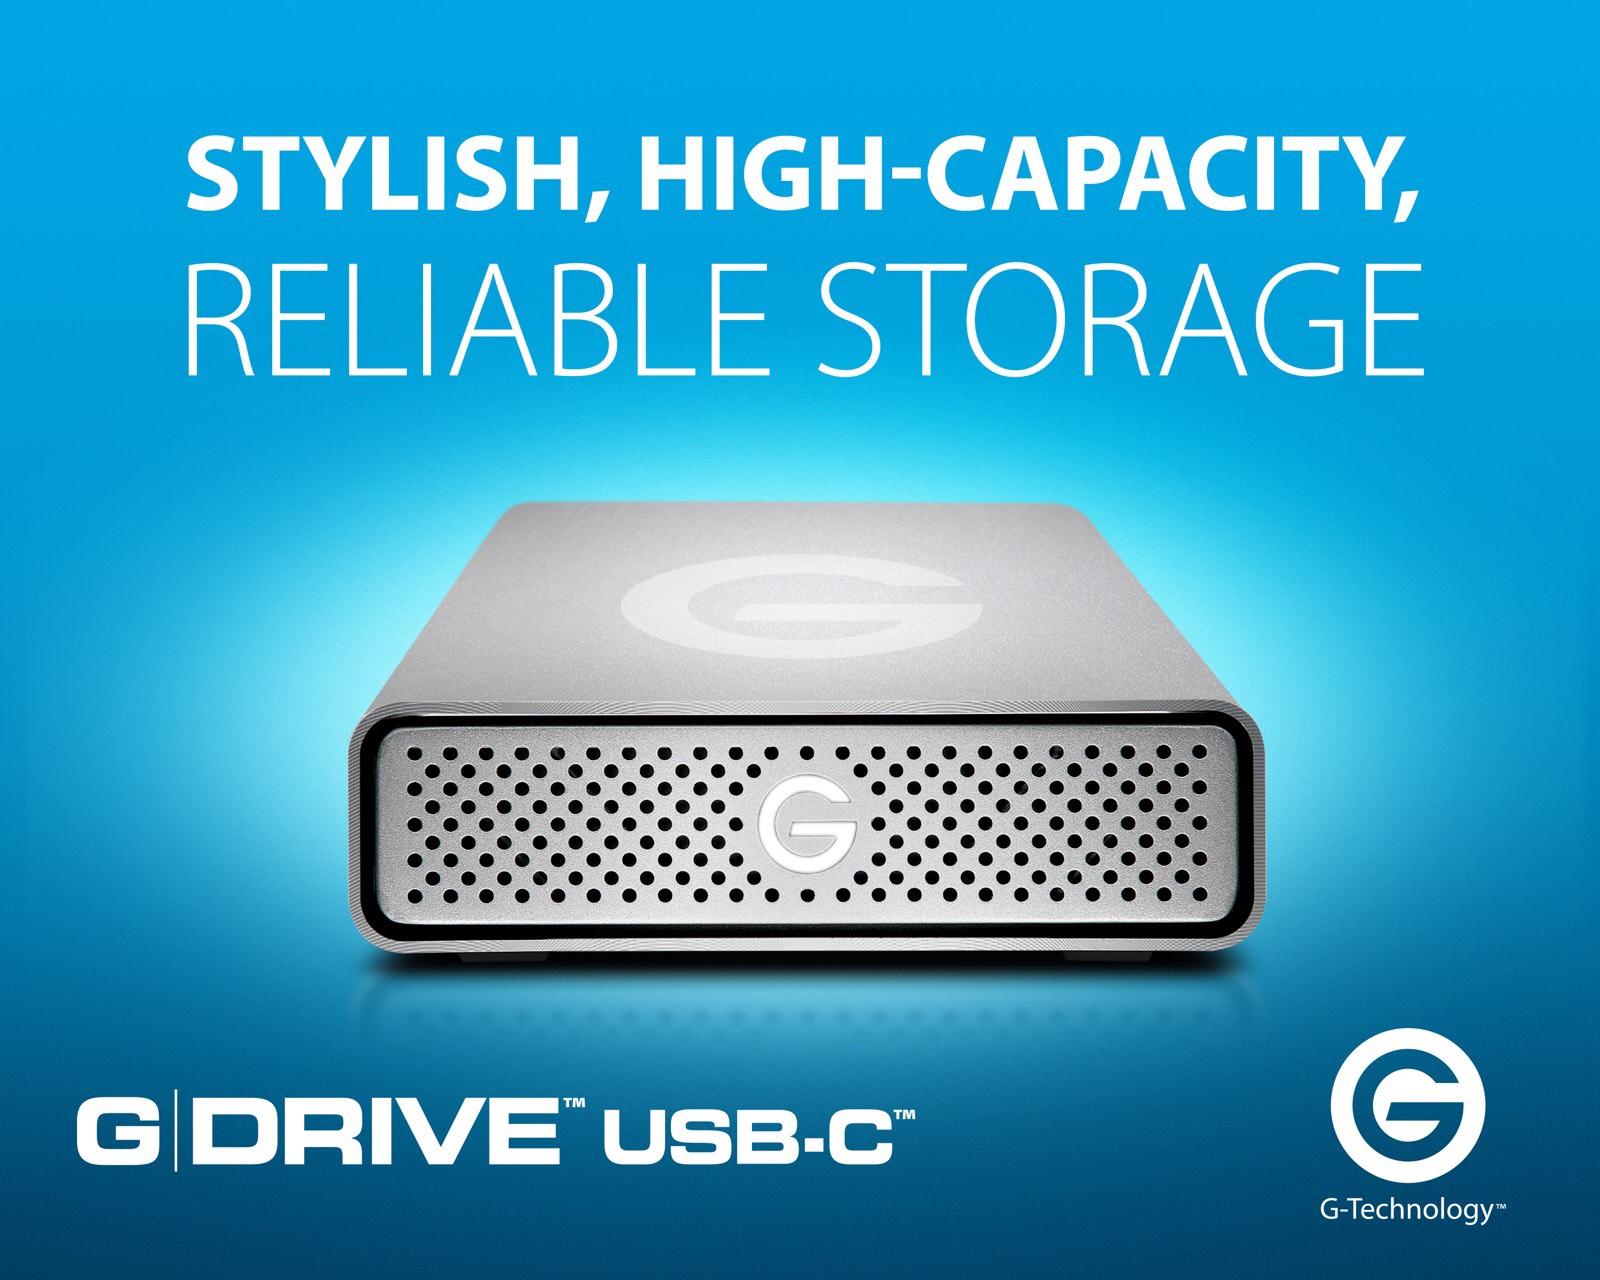 New USB-C G-DRIVE